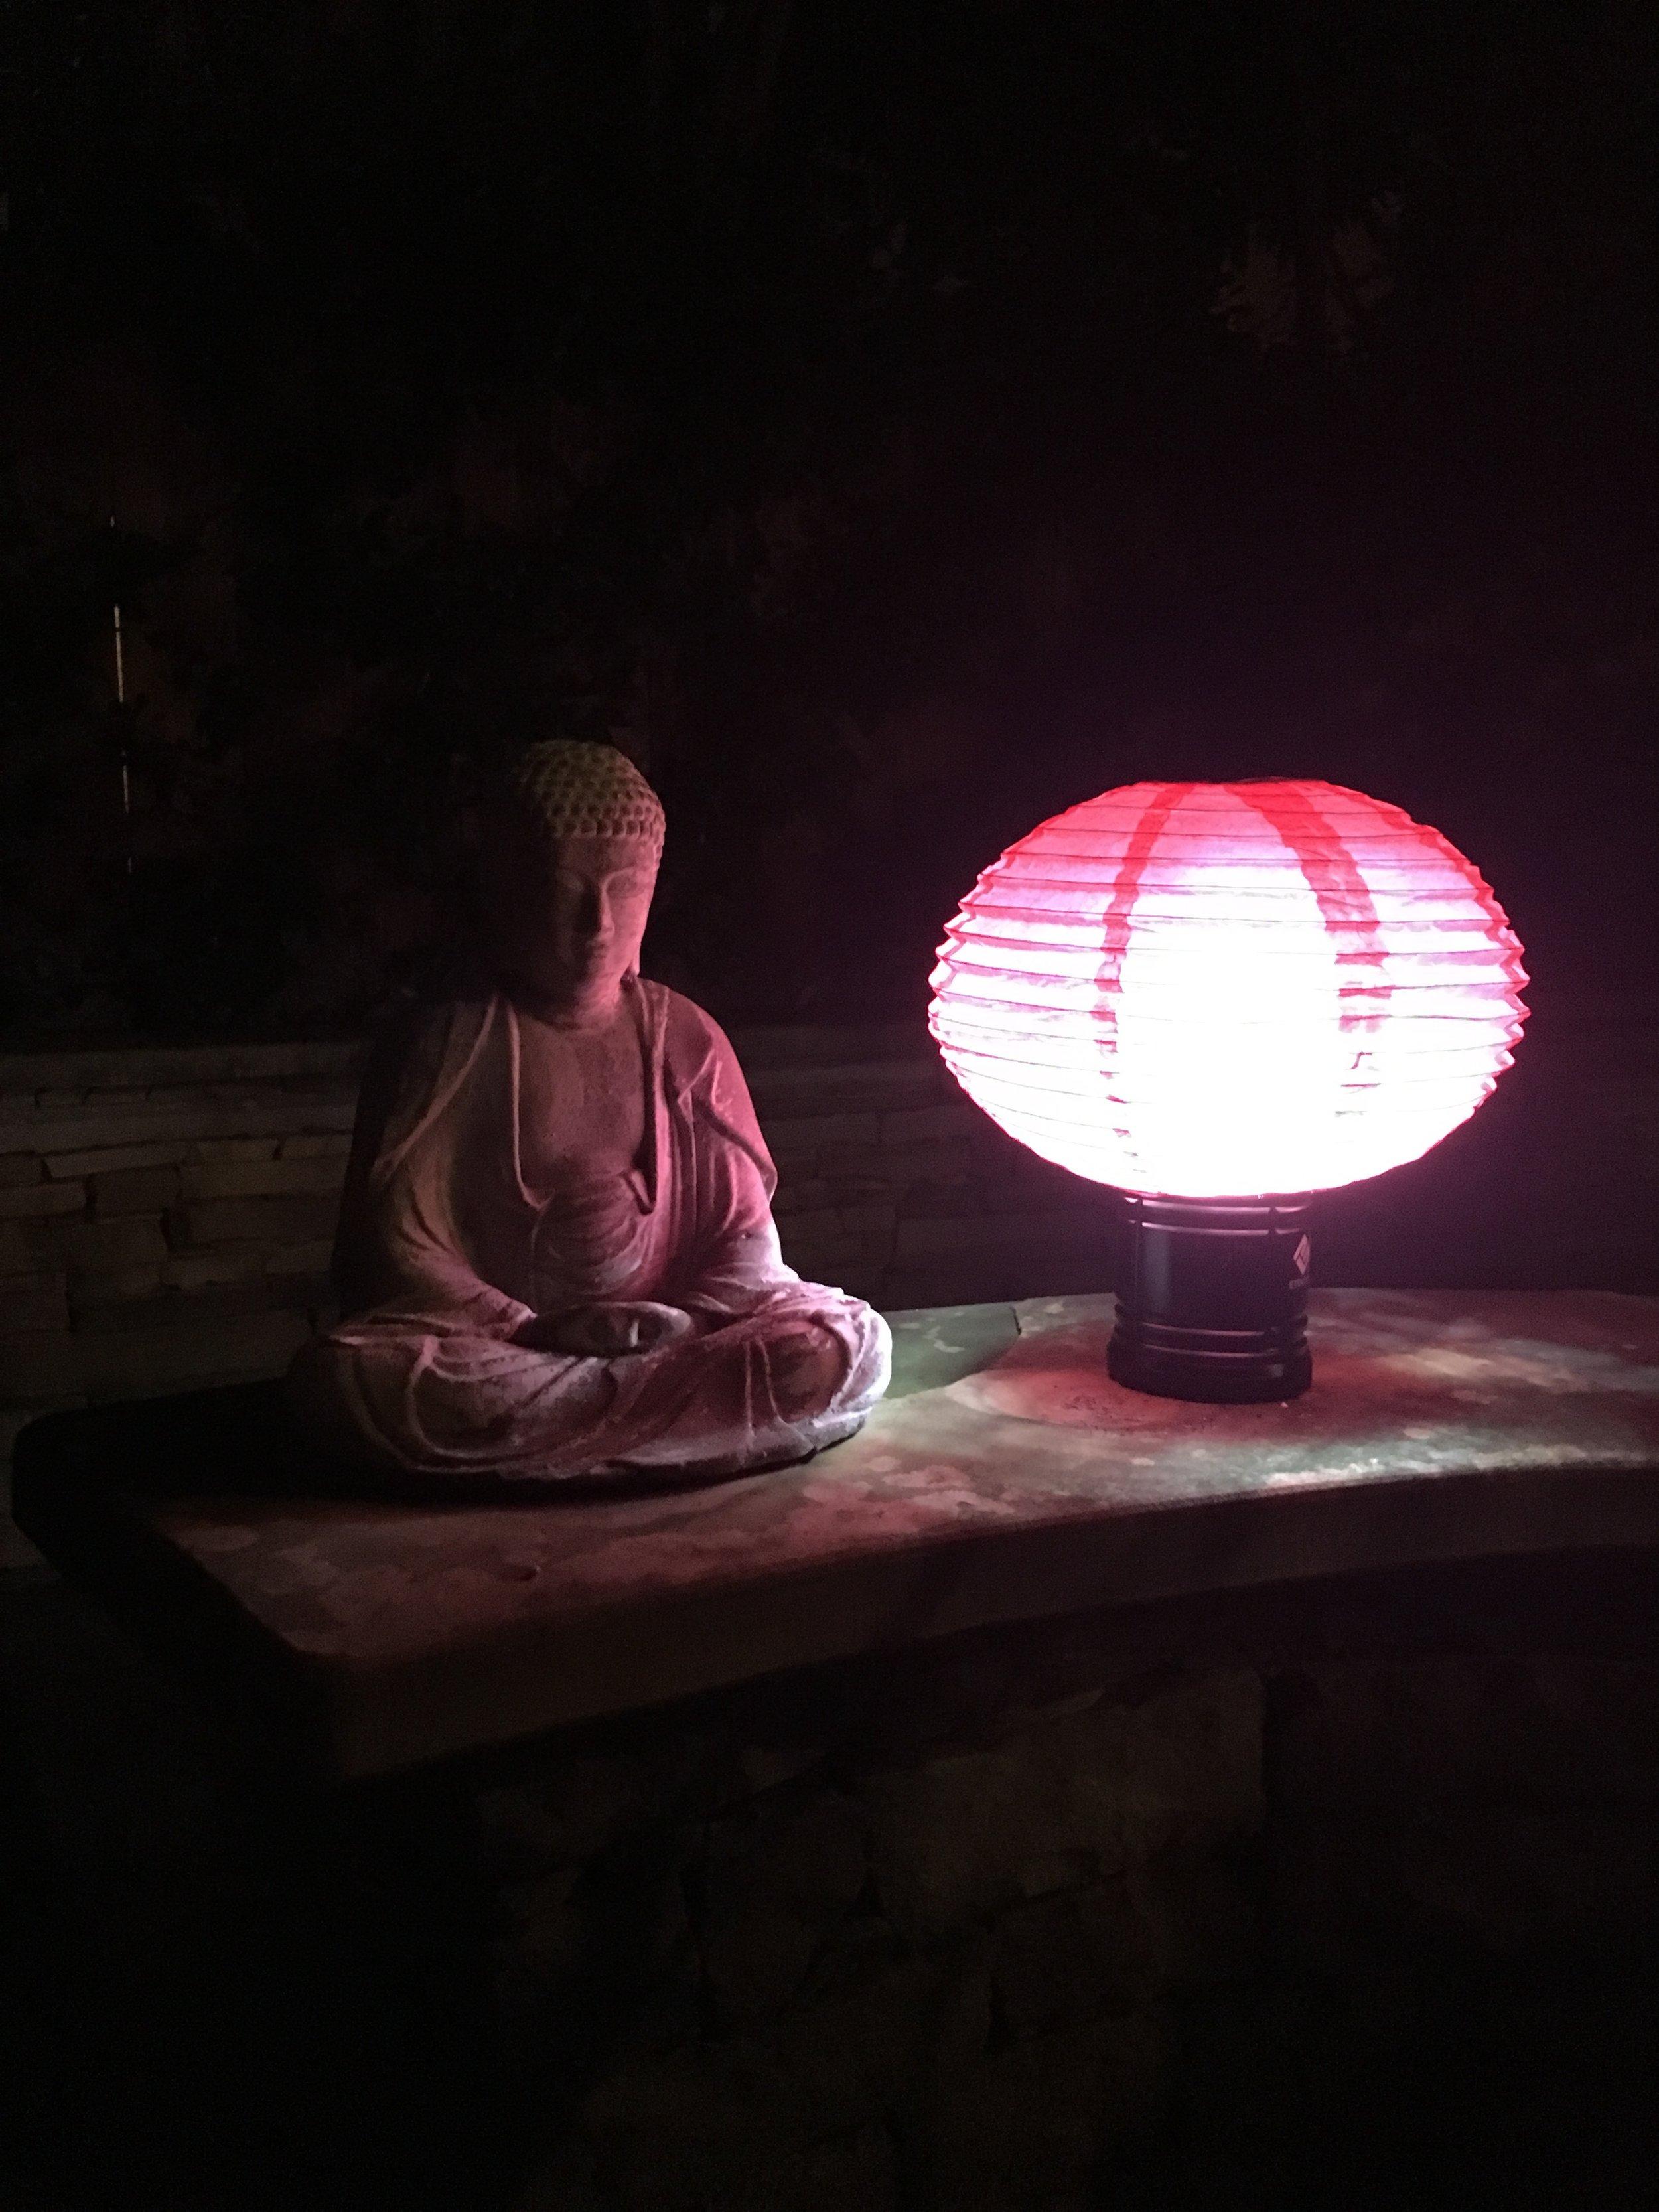 Buddha at night.